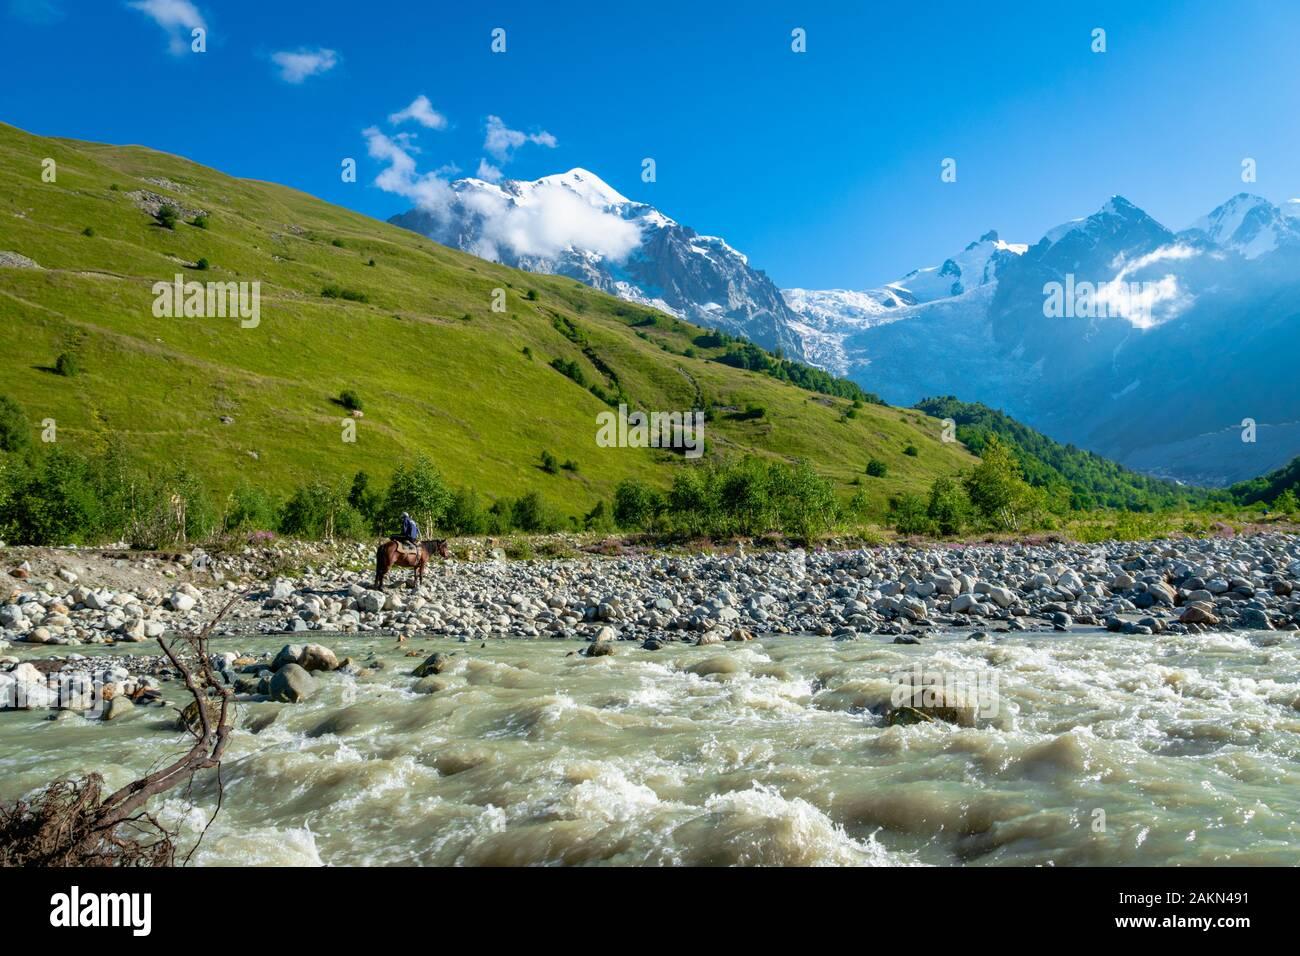 Paysage de montagnes et de Svaneti river sur le trekking et randonnées à vélo près de Mestia village dans la région de Svaneti, Georgia. Banque D'Images